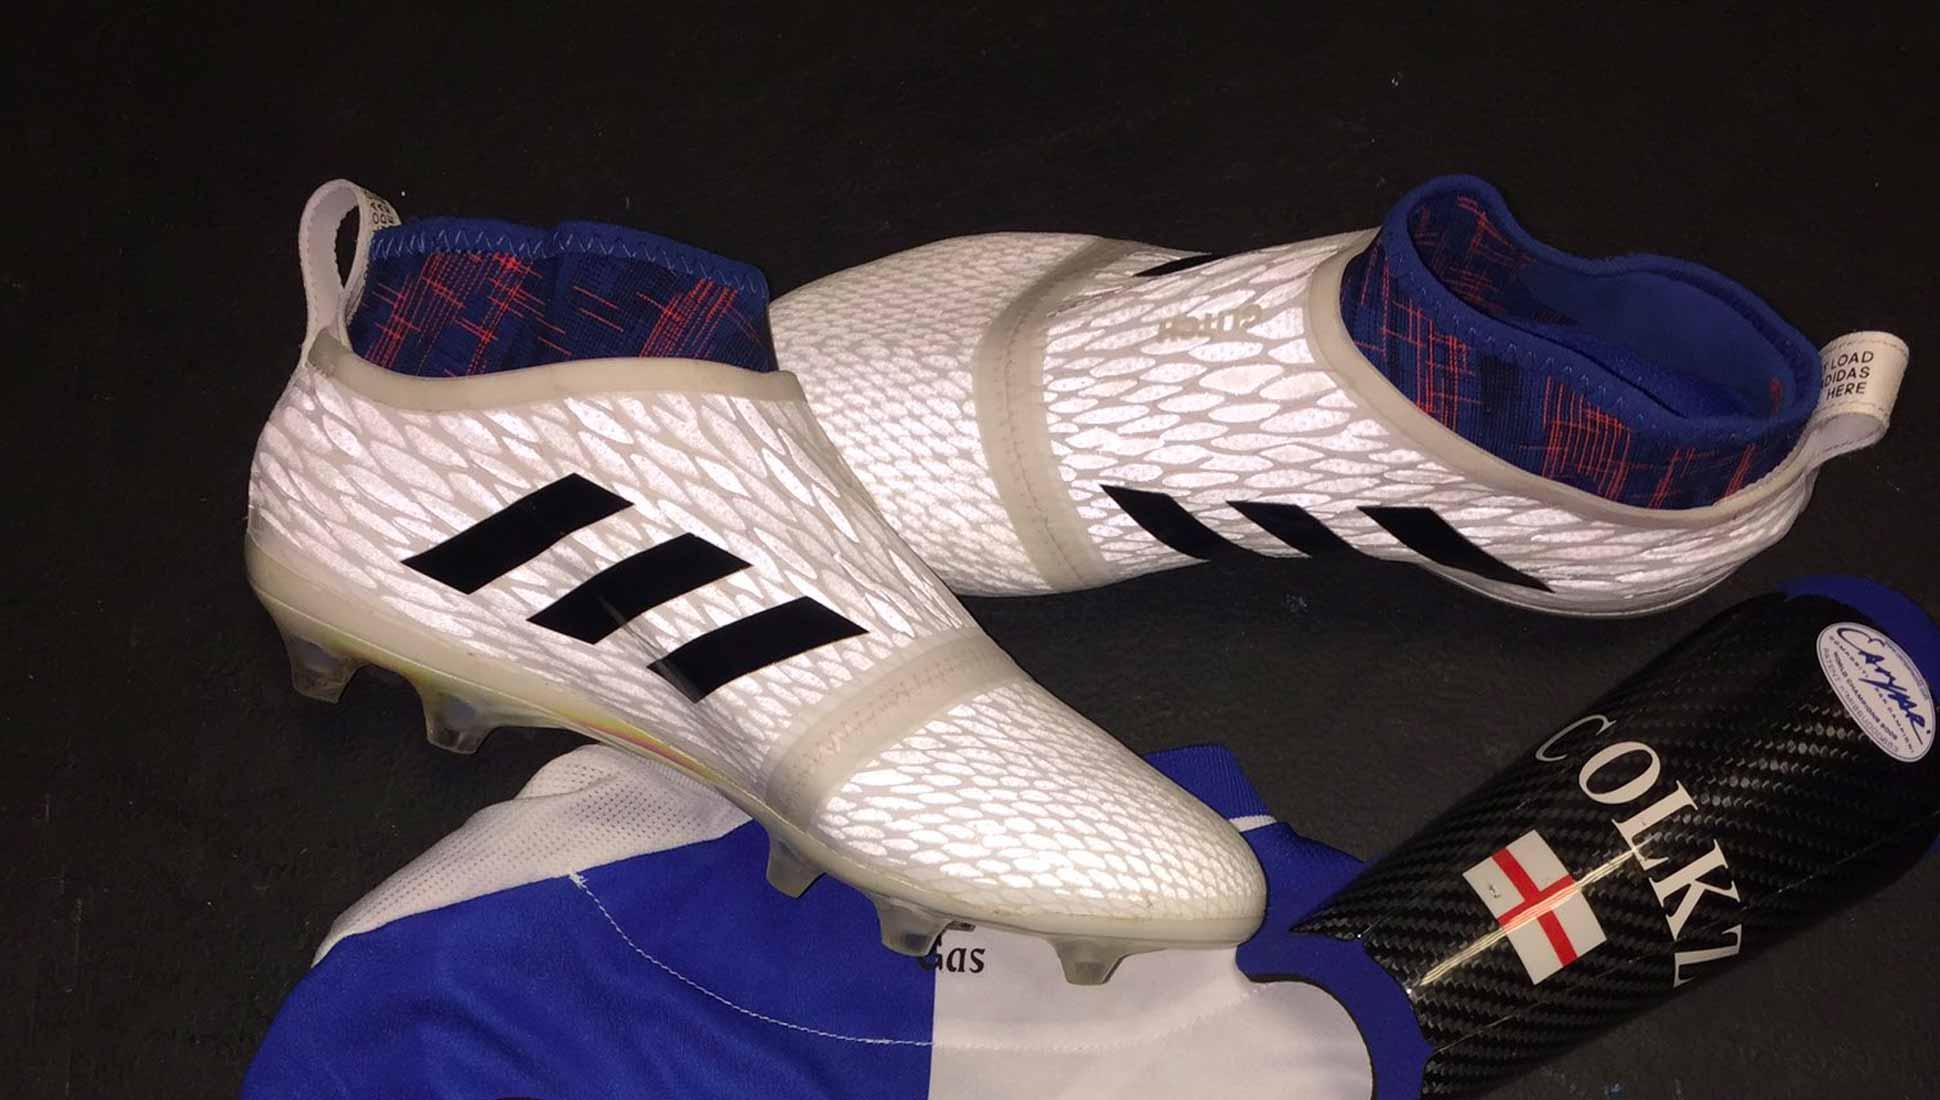 À Les Tous Adidas GlitchUne Footpack Niveaux Révolution srxthQCd